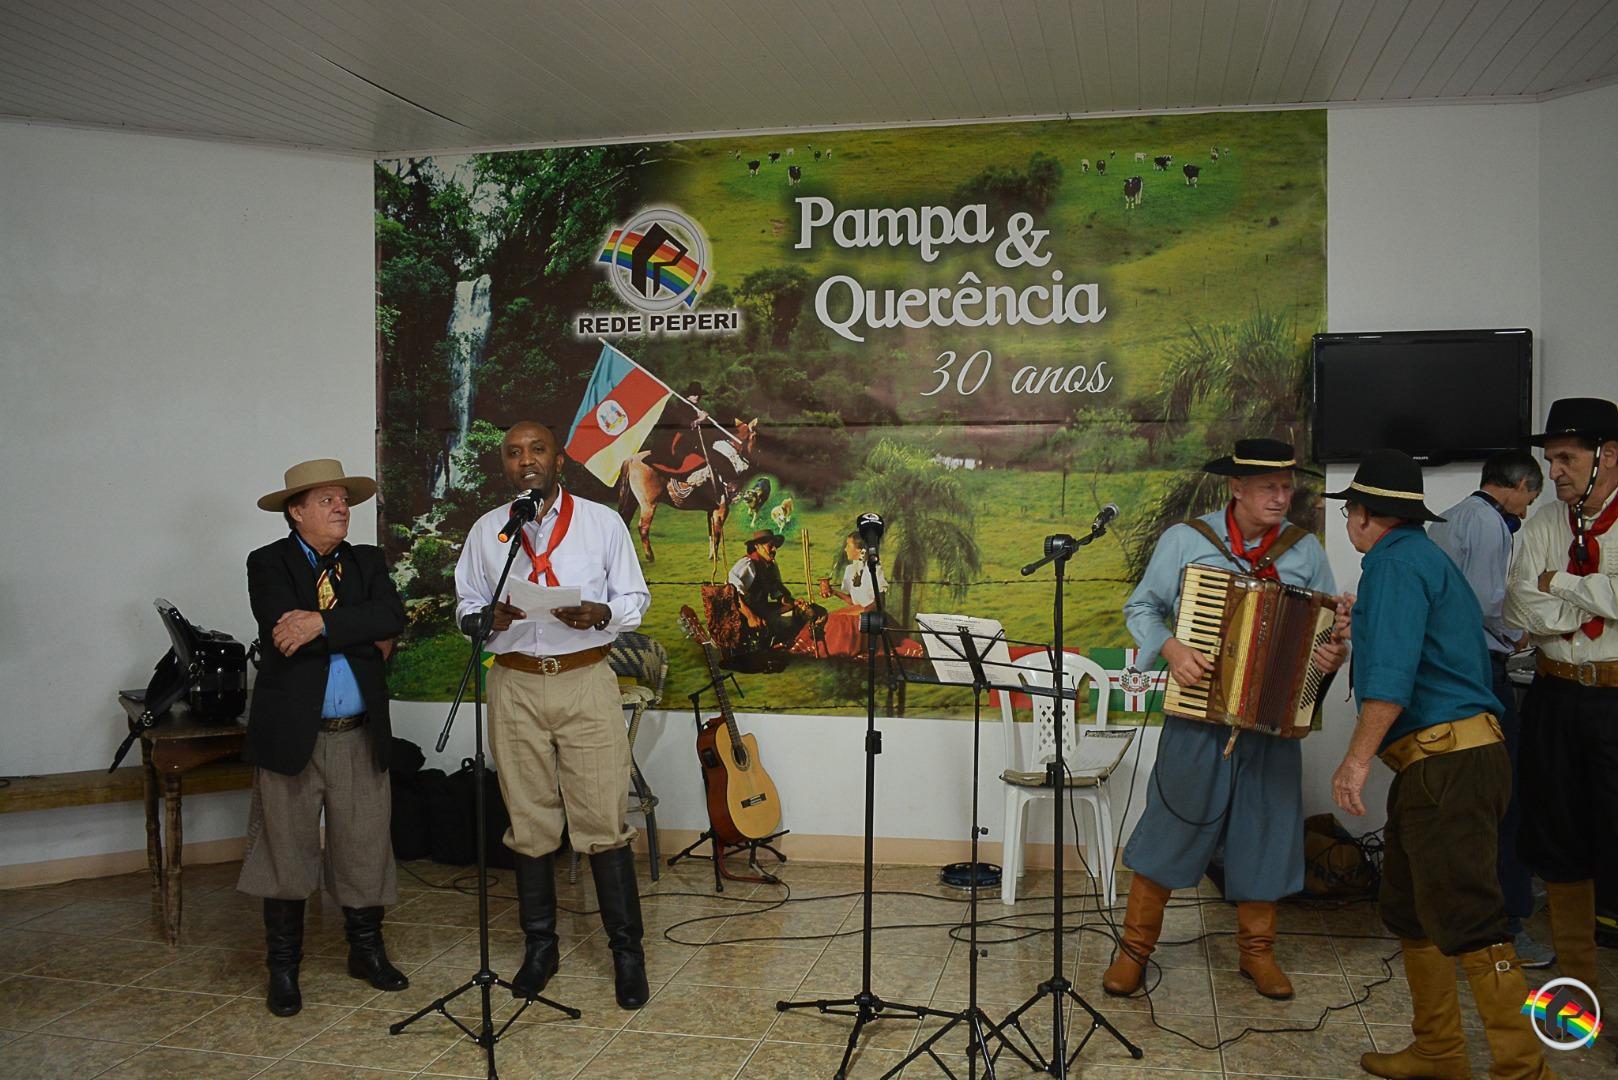 VÍDEO: Pampa e Querência comemora 30 anos